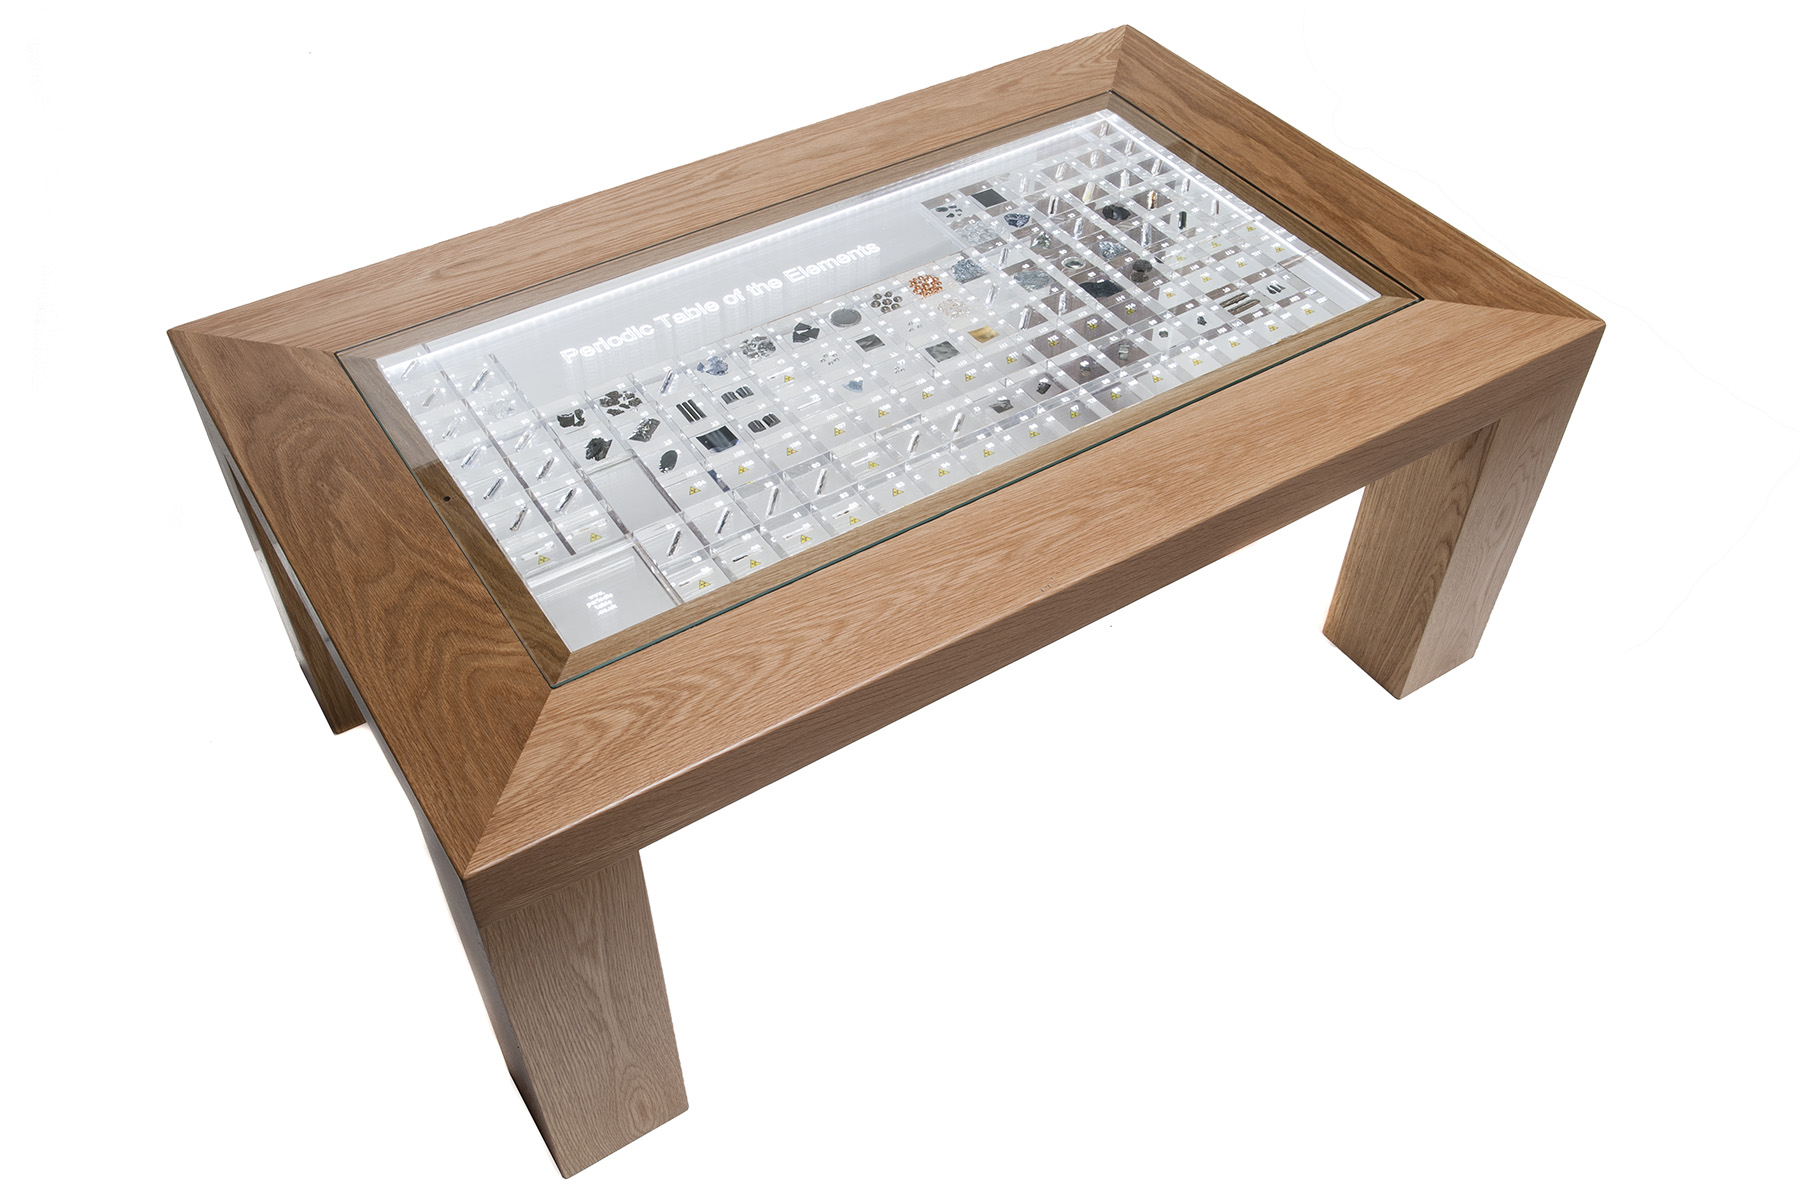 Arte en madera tablas de cortar madera maciza muebles for Muebles para cafeteria precios